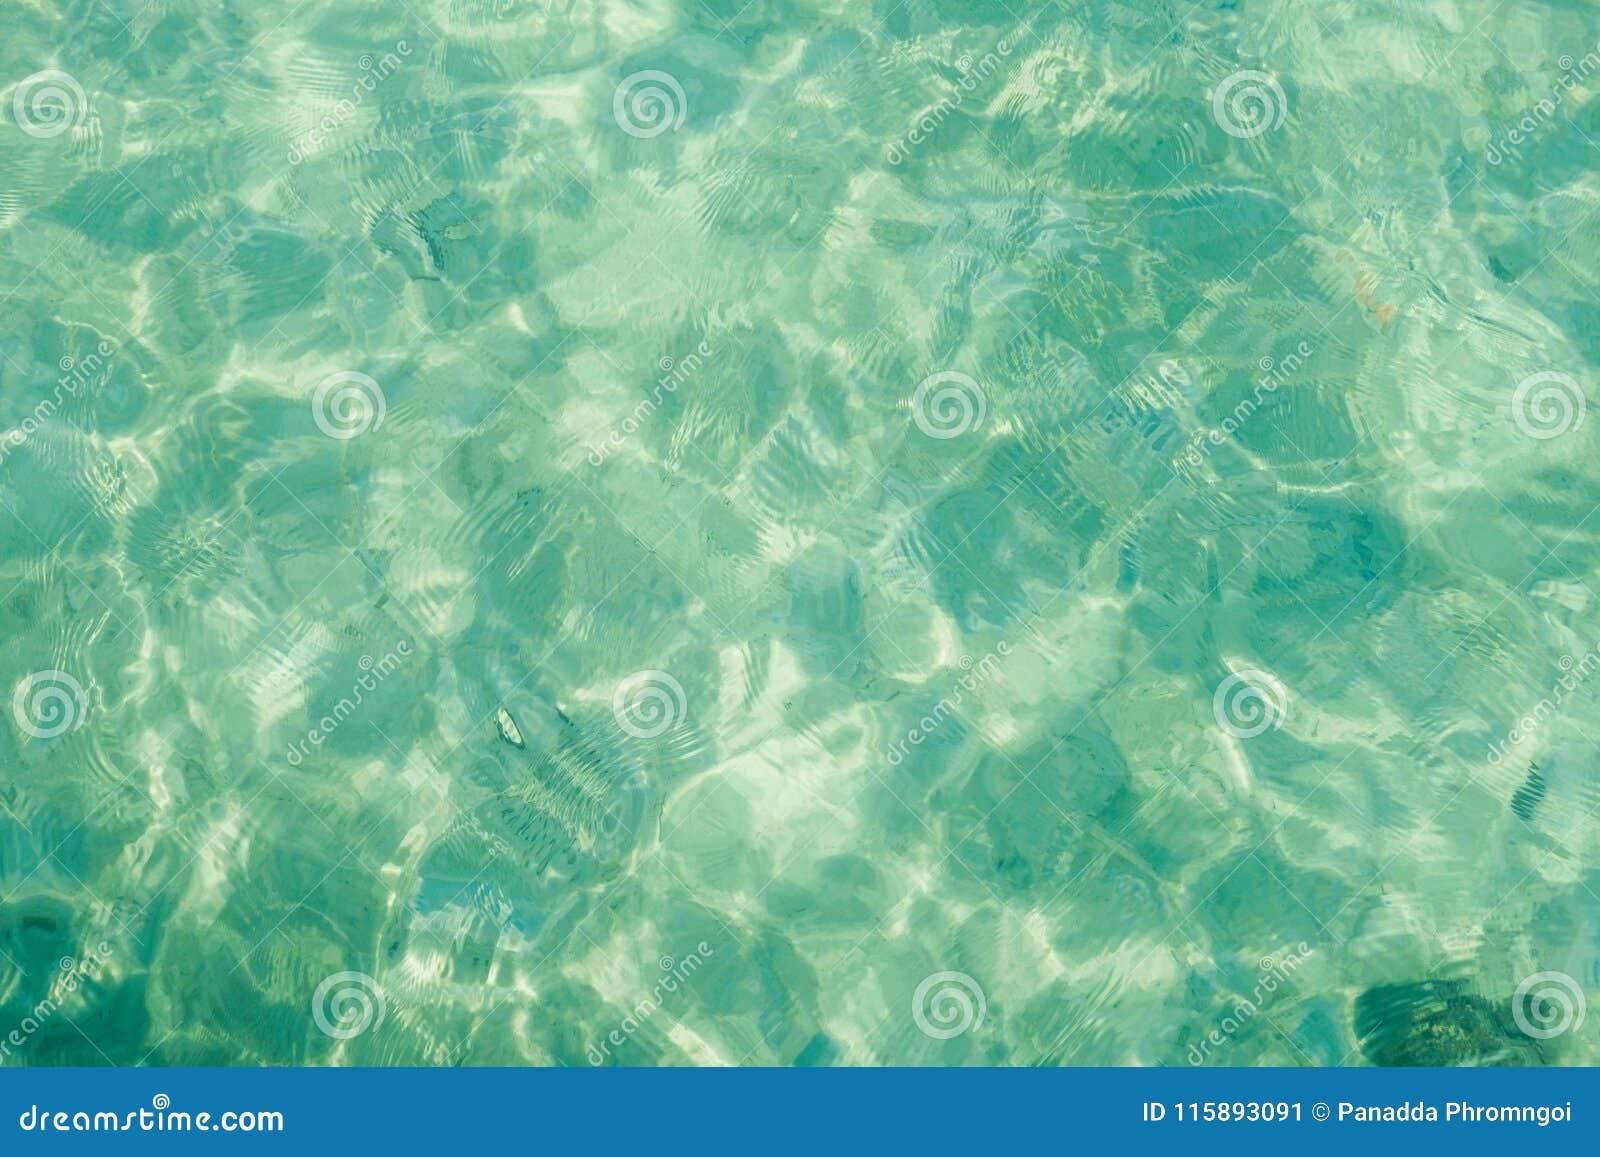 Textura de la agua de mar, fondo abstracto de la acuarela